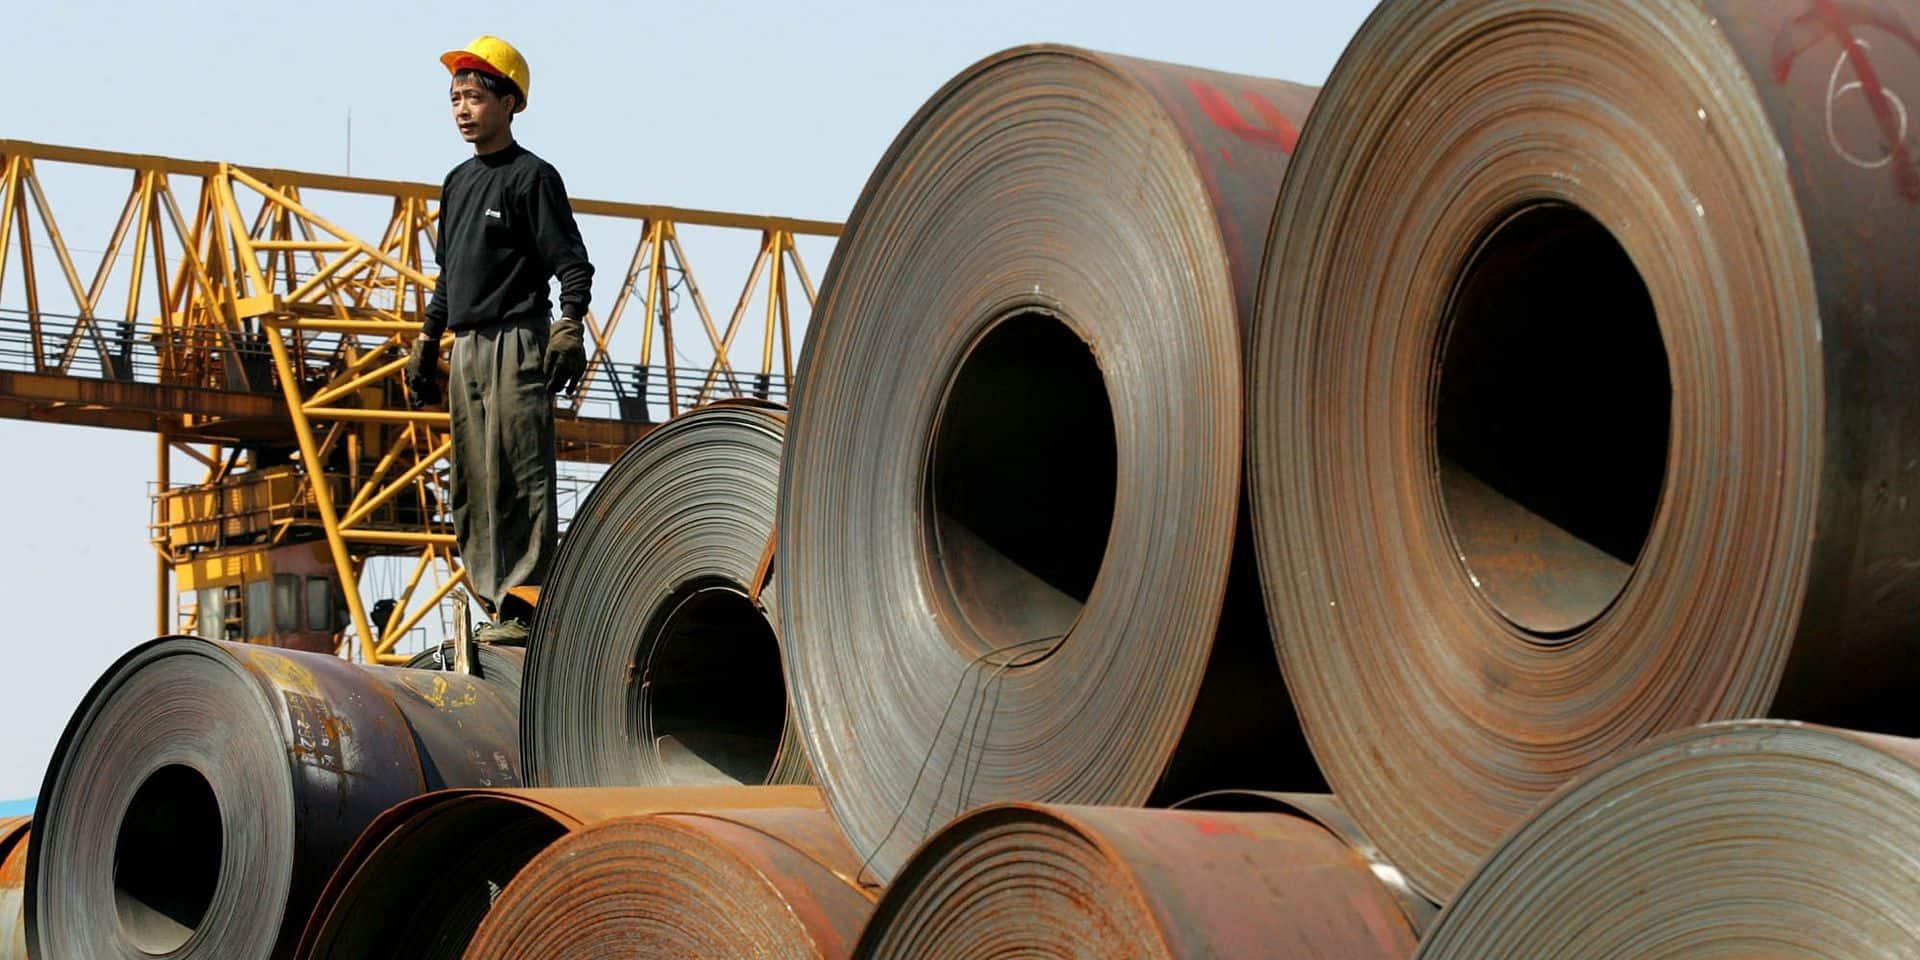 La Chine, problème et solution, claque la porte du Forum mondial sur les surcapacités d'acier